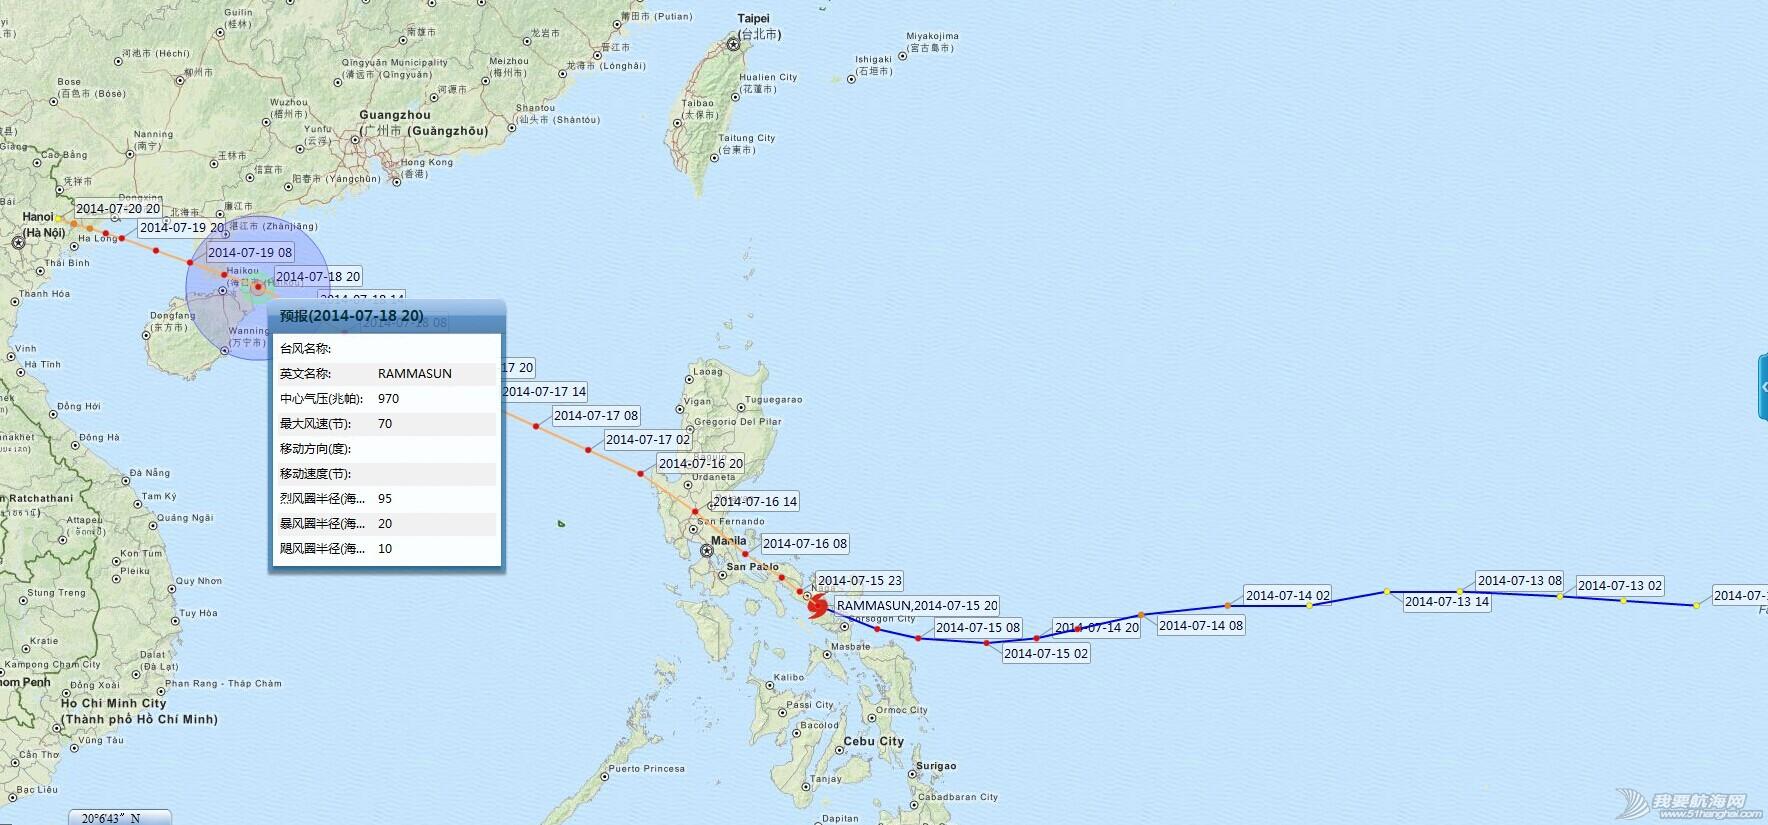 南海,台风,烟斗电话,气象导航,气导 【南海台风】RAMMASUN 20140713 南海台风RAMMASUN